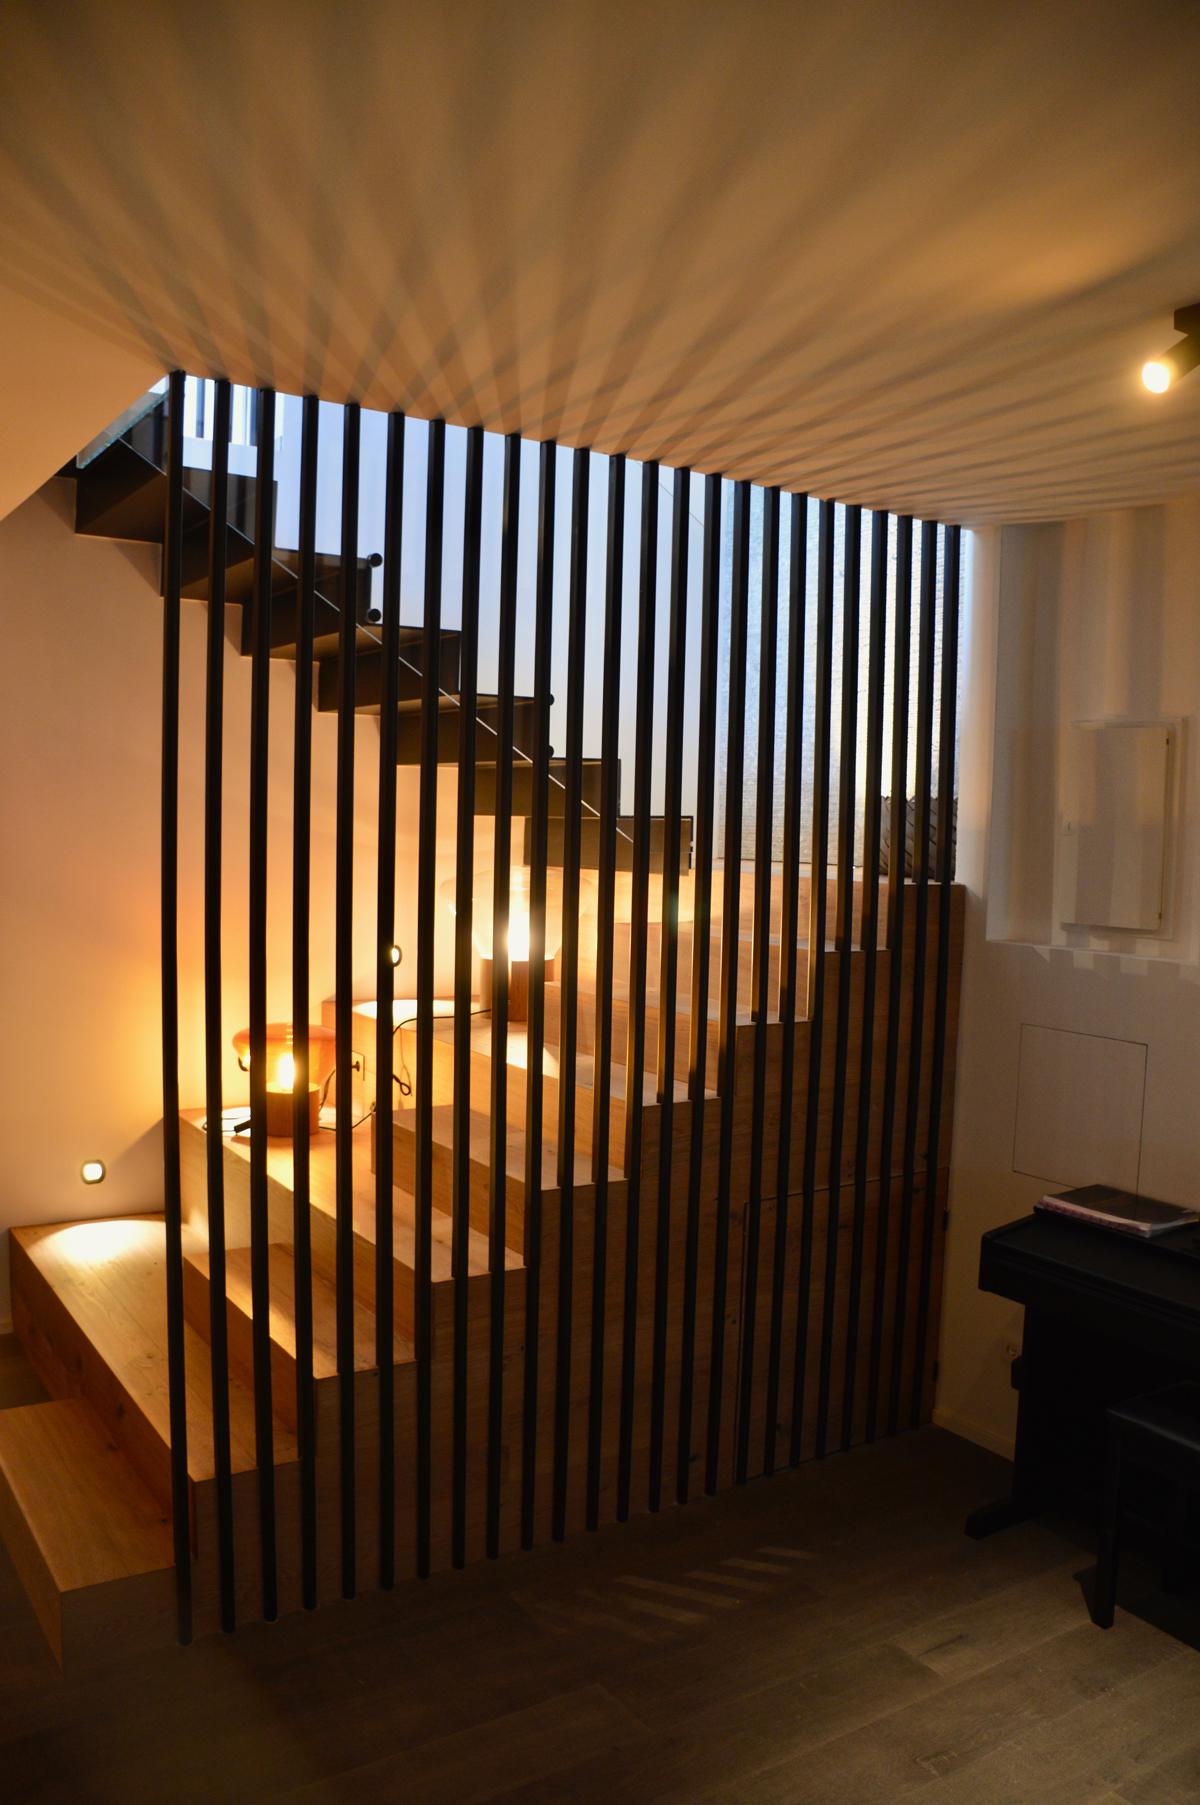 עיצוב גרם מדרגות בהתאמה אישית